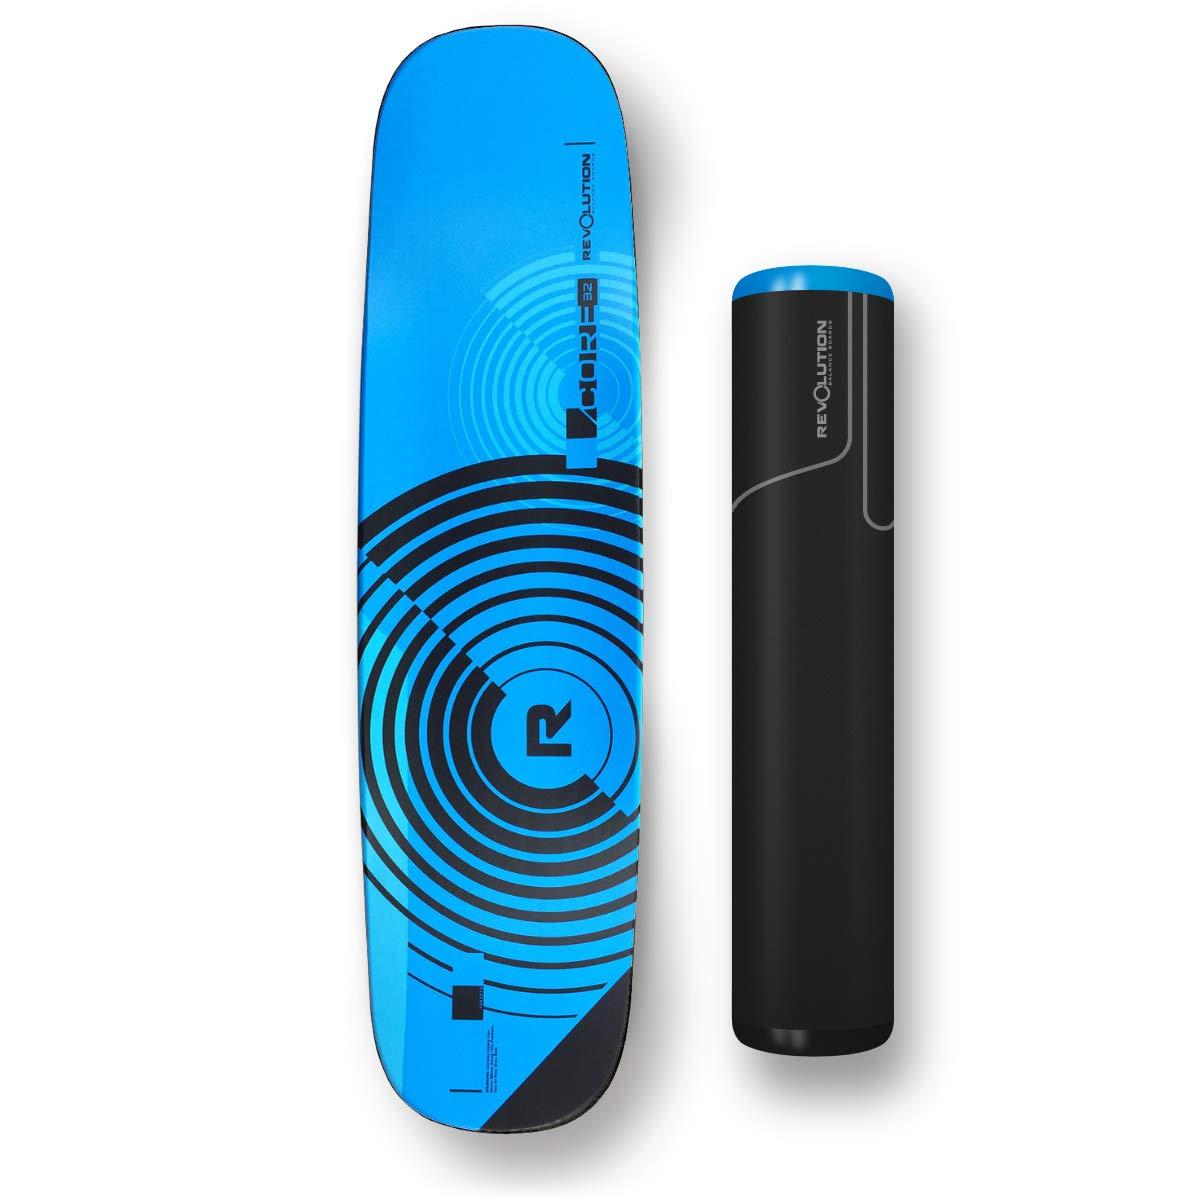 人気 Revolutionコア32 上級バランスボード B01G5W6KPA B01G5W6KPA (Blue/Black) (Blue/Black) (Blue/Black) (Blue/Black), dish(ディッシュ):281fd9d4 --- arianechie.dominiotemporario.com